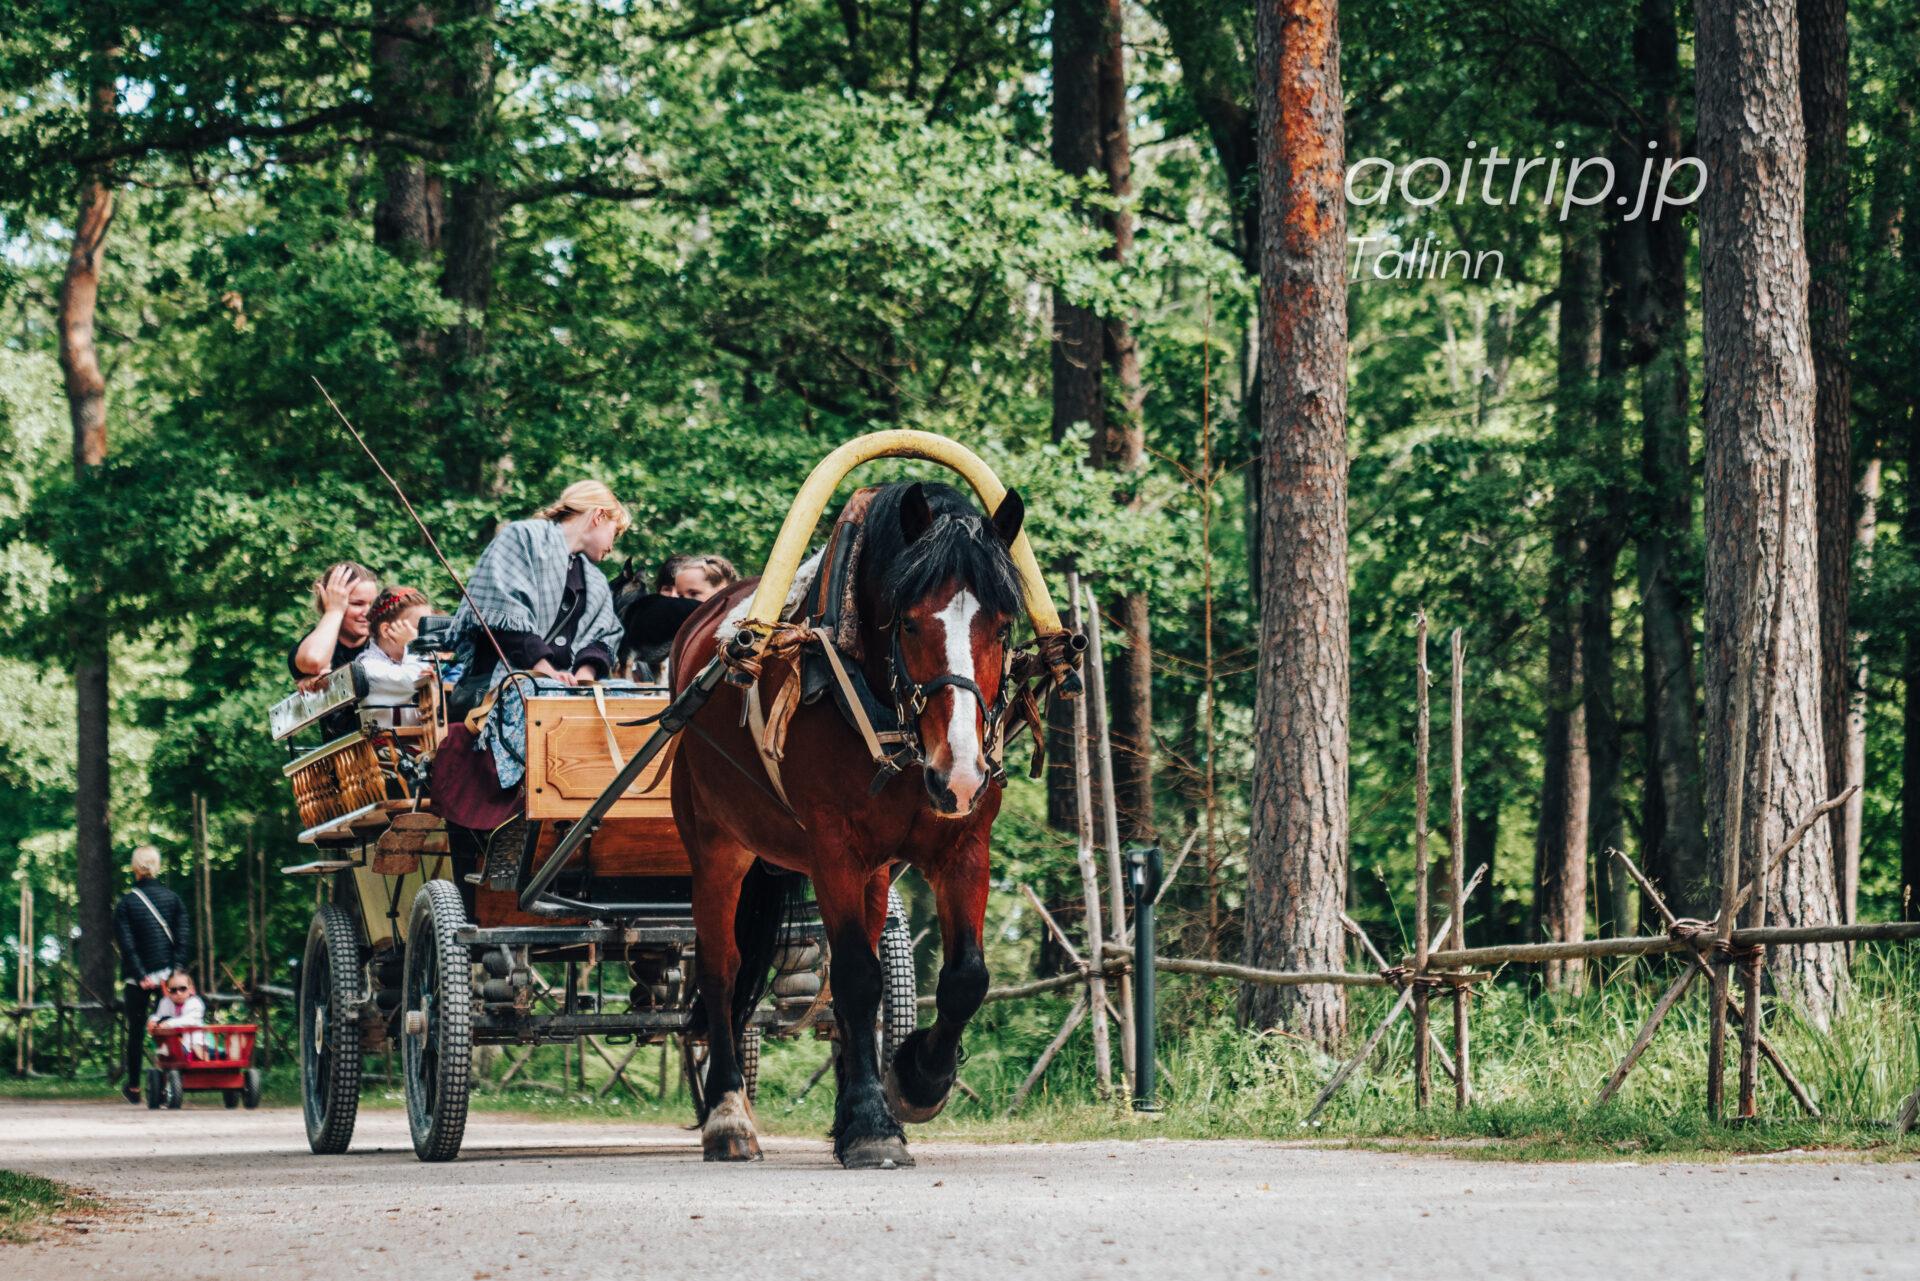 エストニア野外博物館 馬車